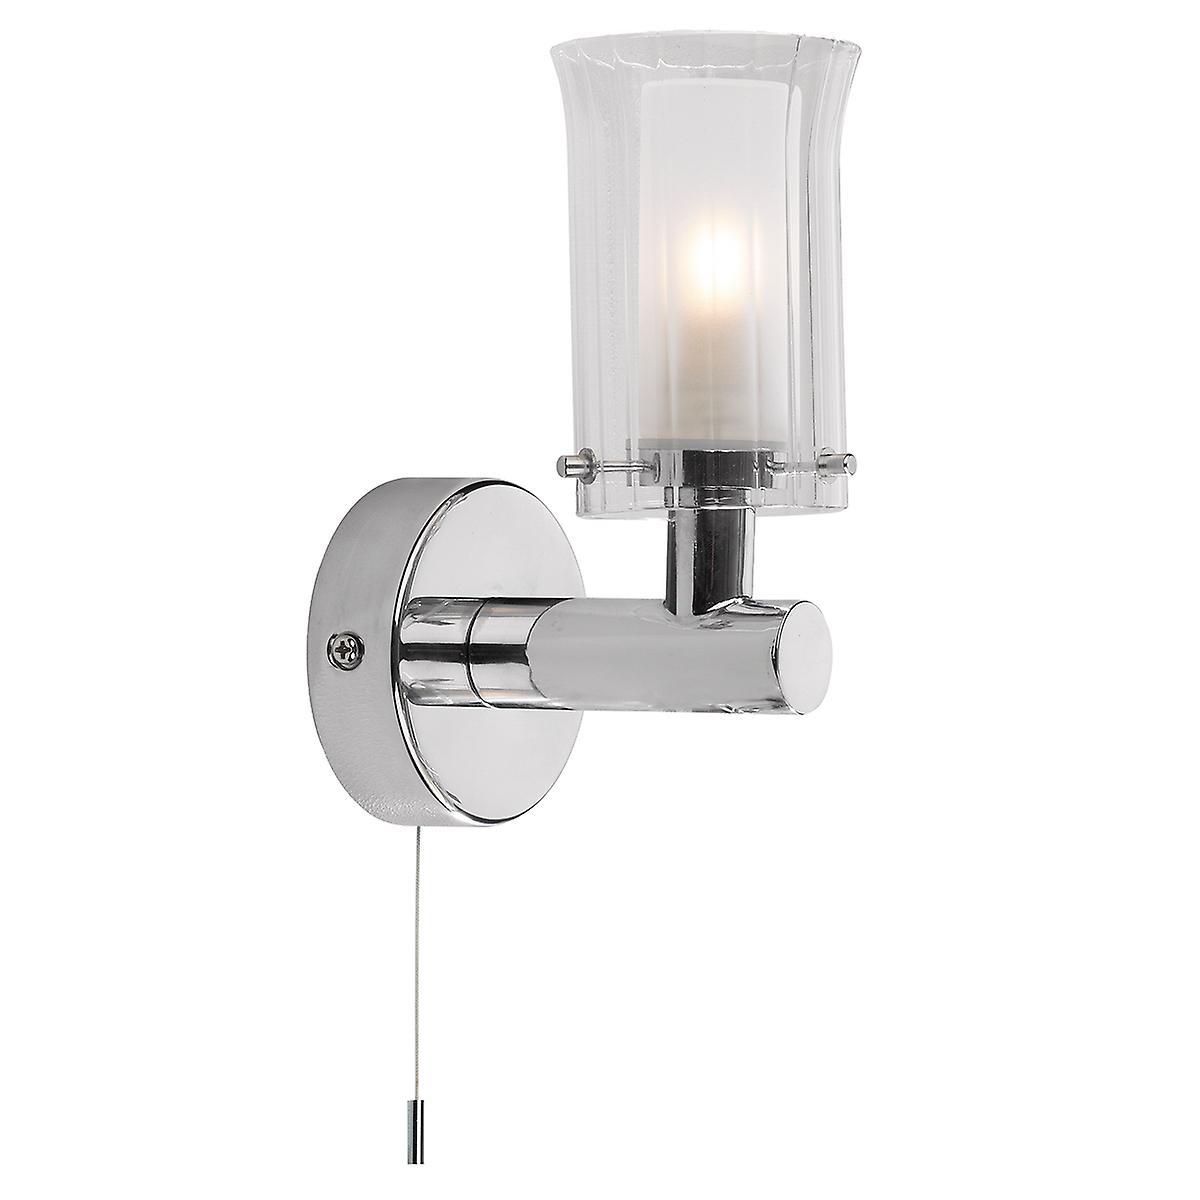 Dar ELB0750 Elba Modern Chrome Switched Bathroom Wall Light